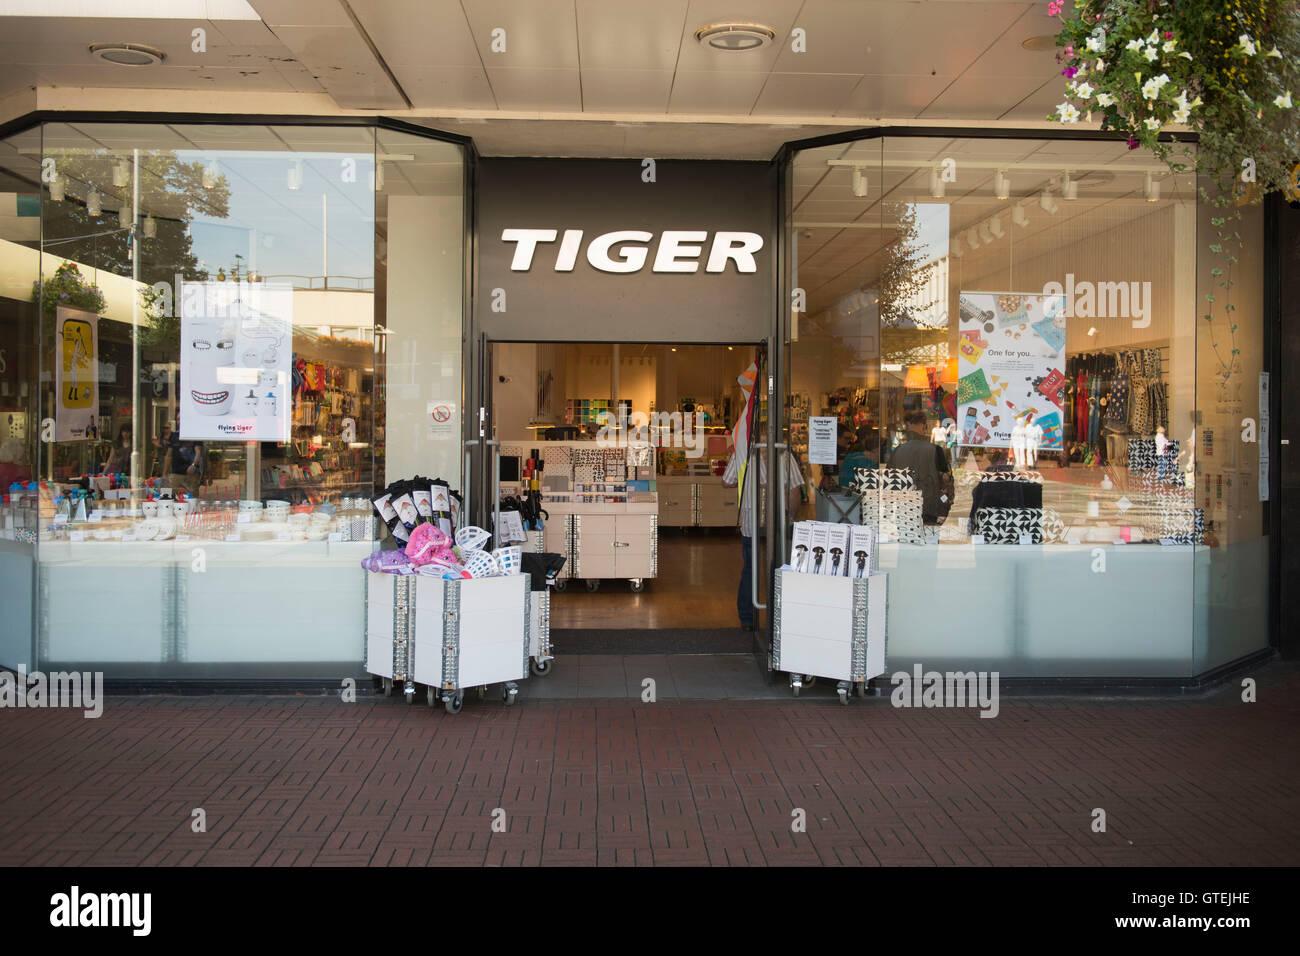 Tiger speichern äußere Zeichen Logo in Cwmbran, South Wales. Stockbild